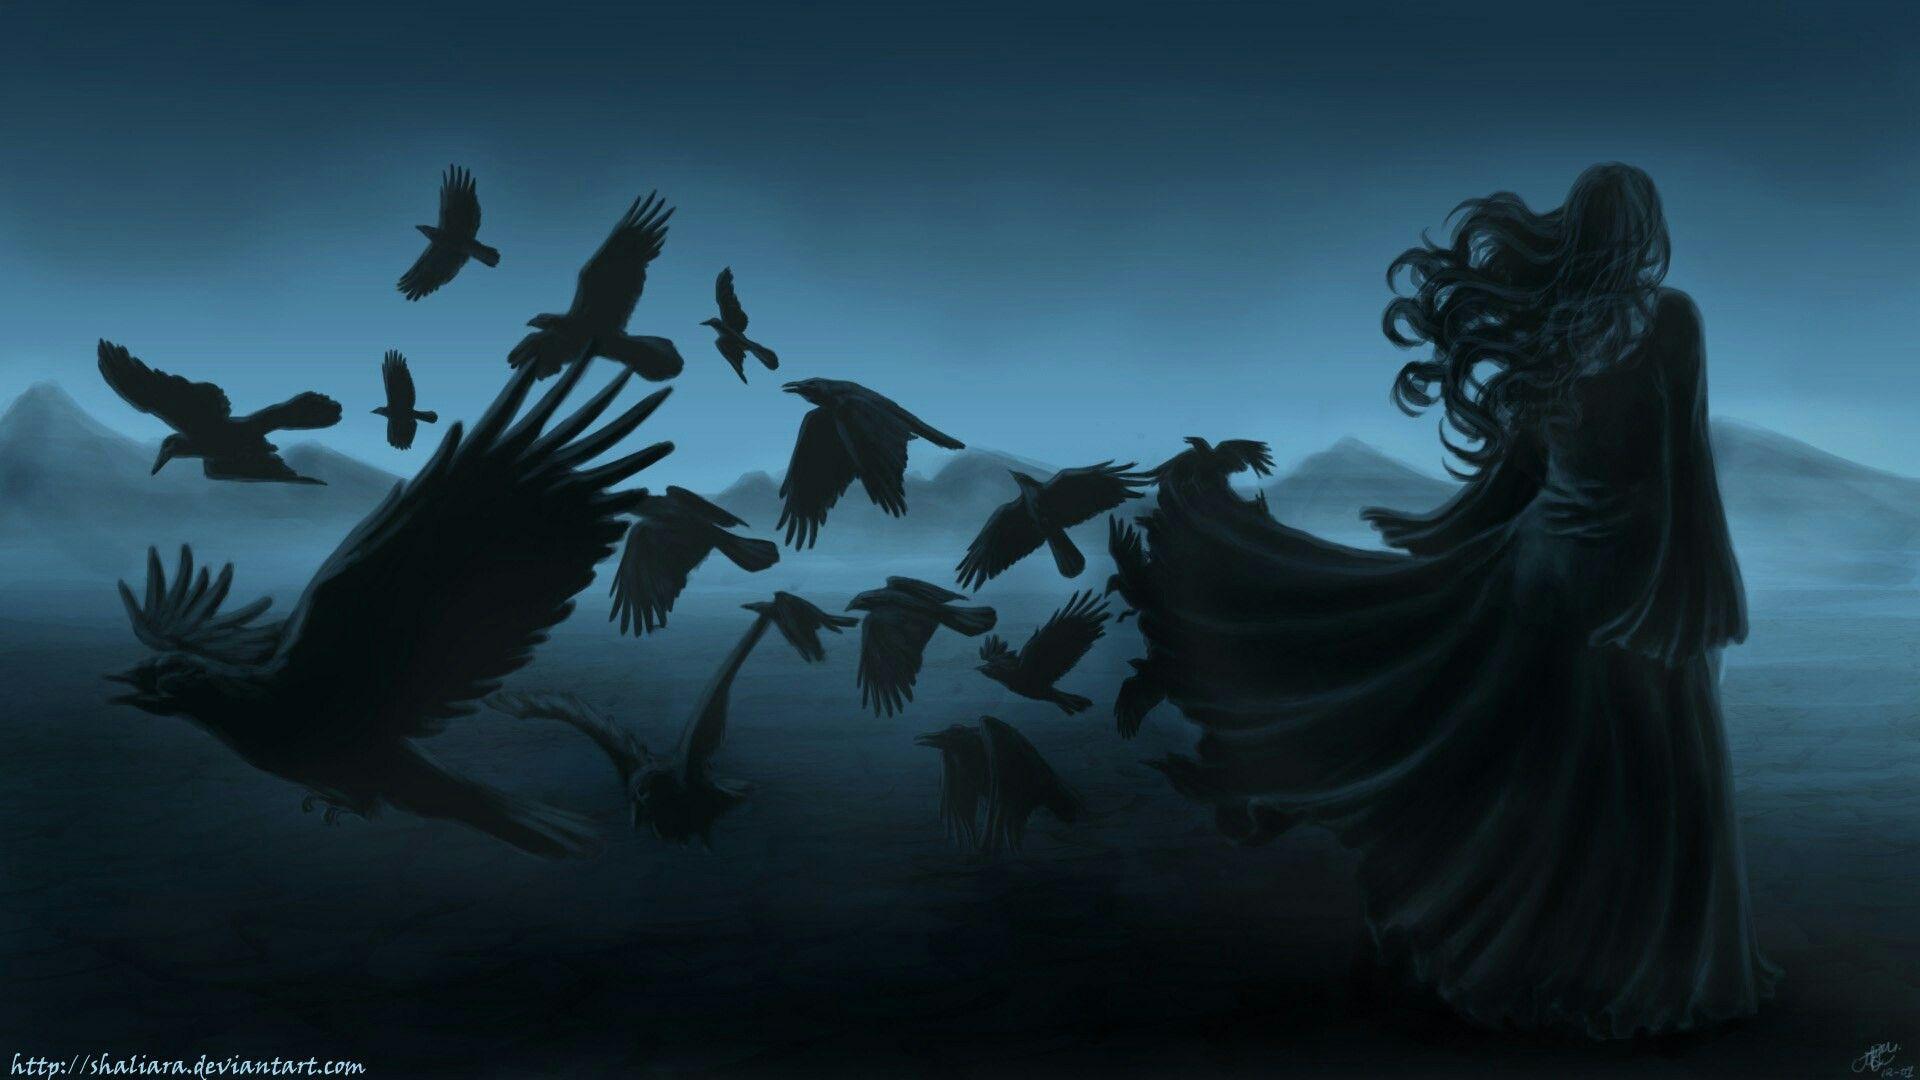 мистические картинки птица и человек как